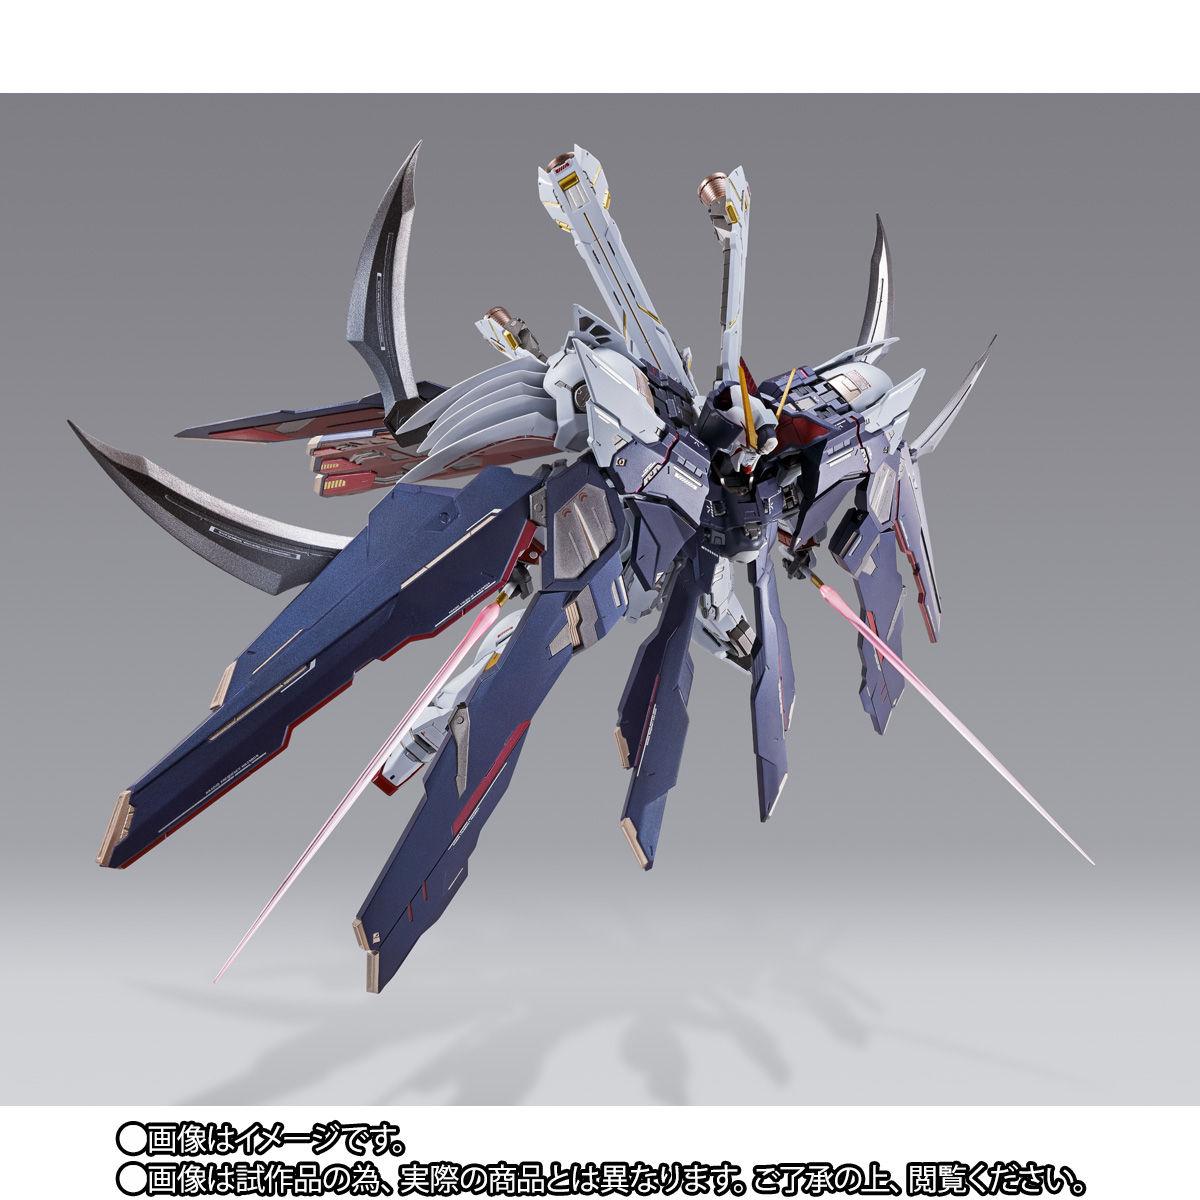 METAL BUILD『クロスボーン・ガンダムX1 フルクロス』機動戦士クロスボーン・ガンダム 可動フィギュア-007